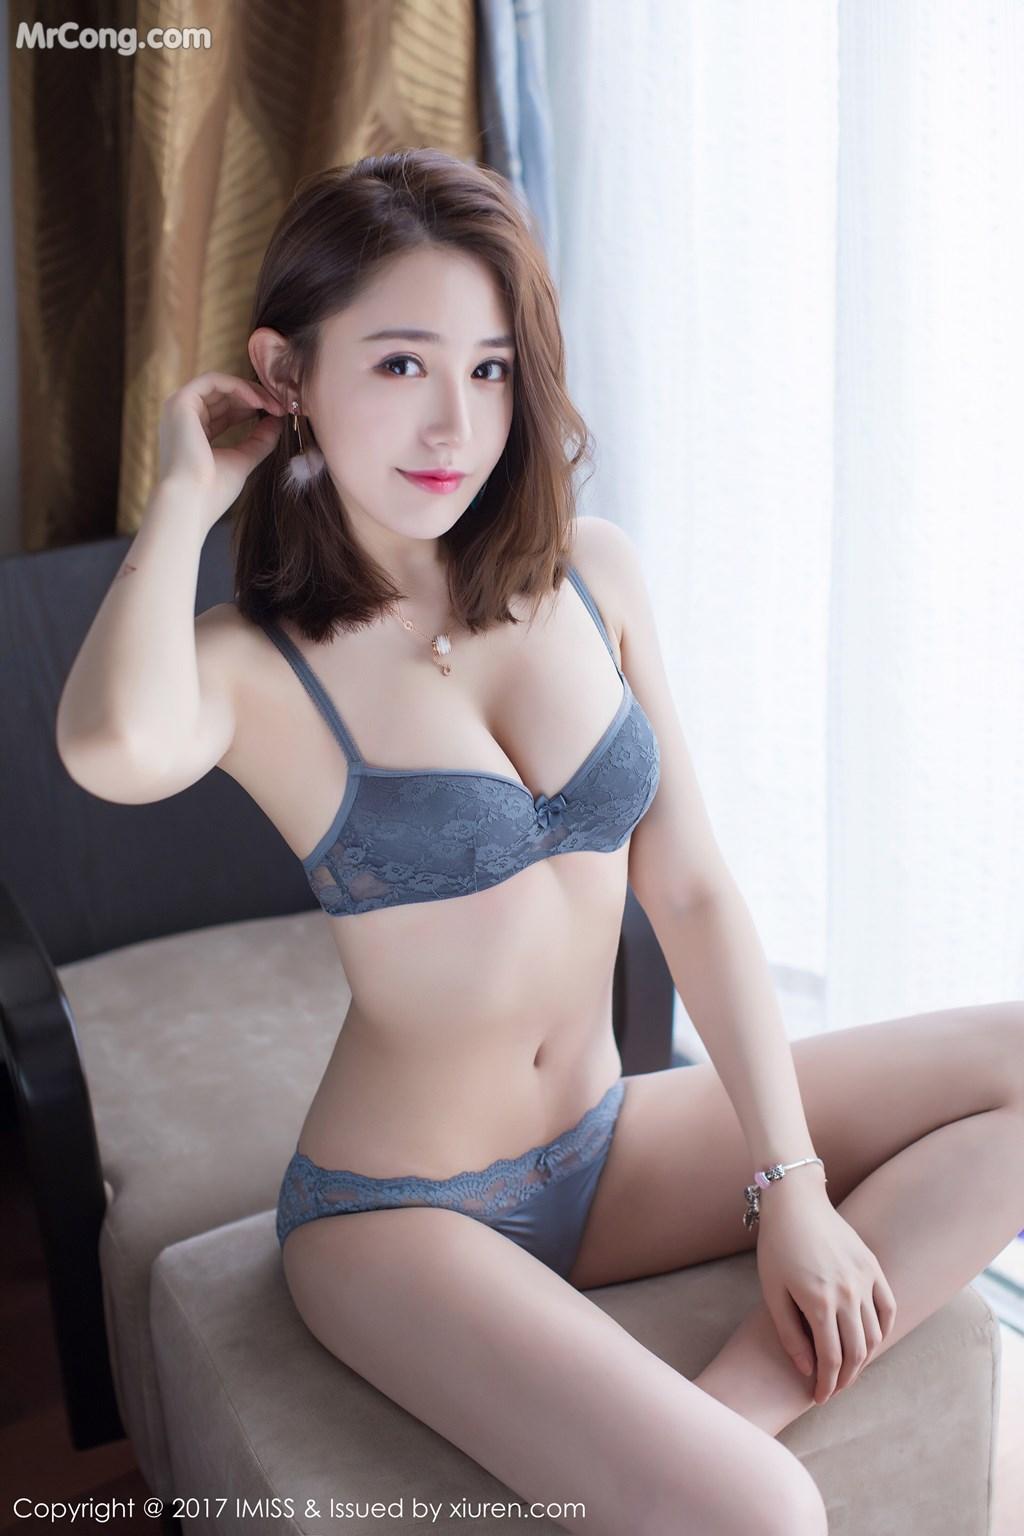 Image IMISS-Vol.186-Lynn-Liu-Yining-MrCong.com-001 in post IMISS Vol.186: Người mẫu Lynn (刘奕宁) (36 ảnh)